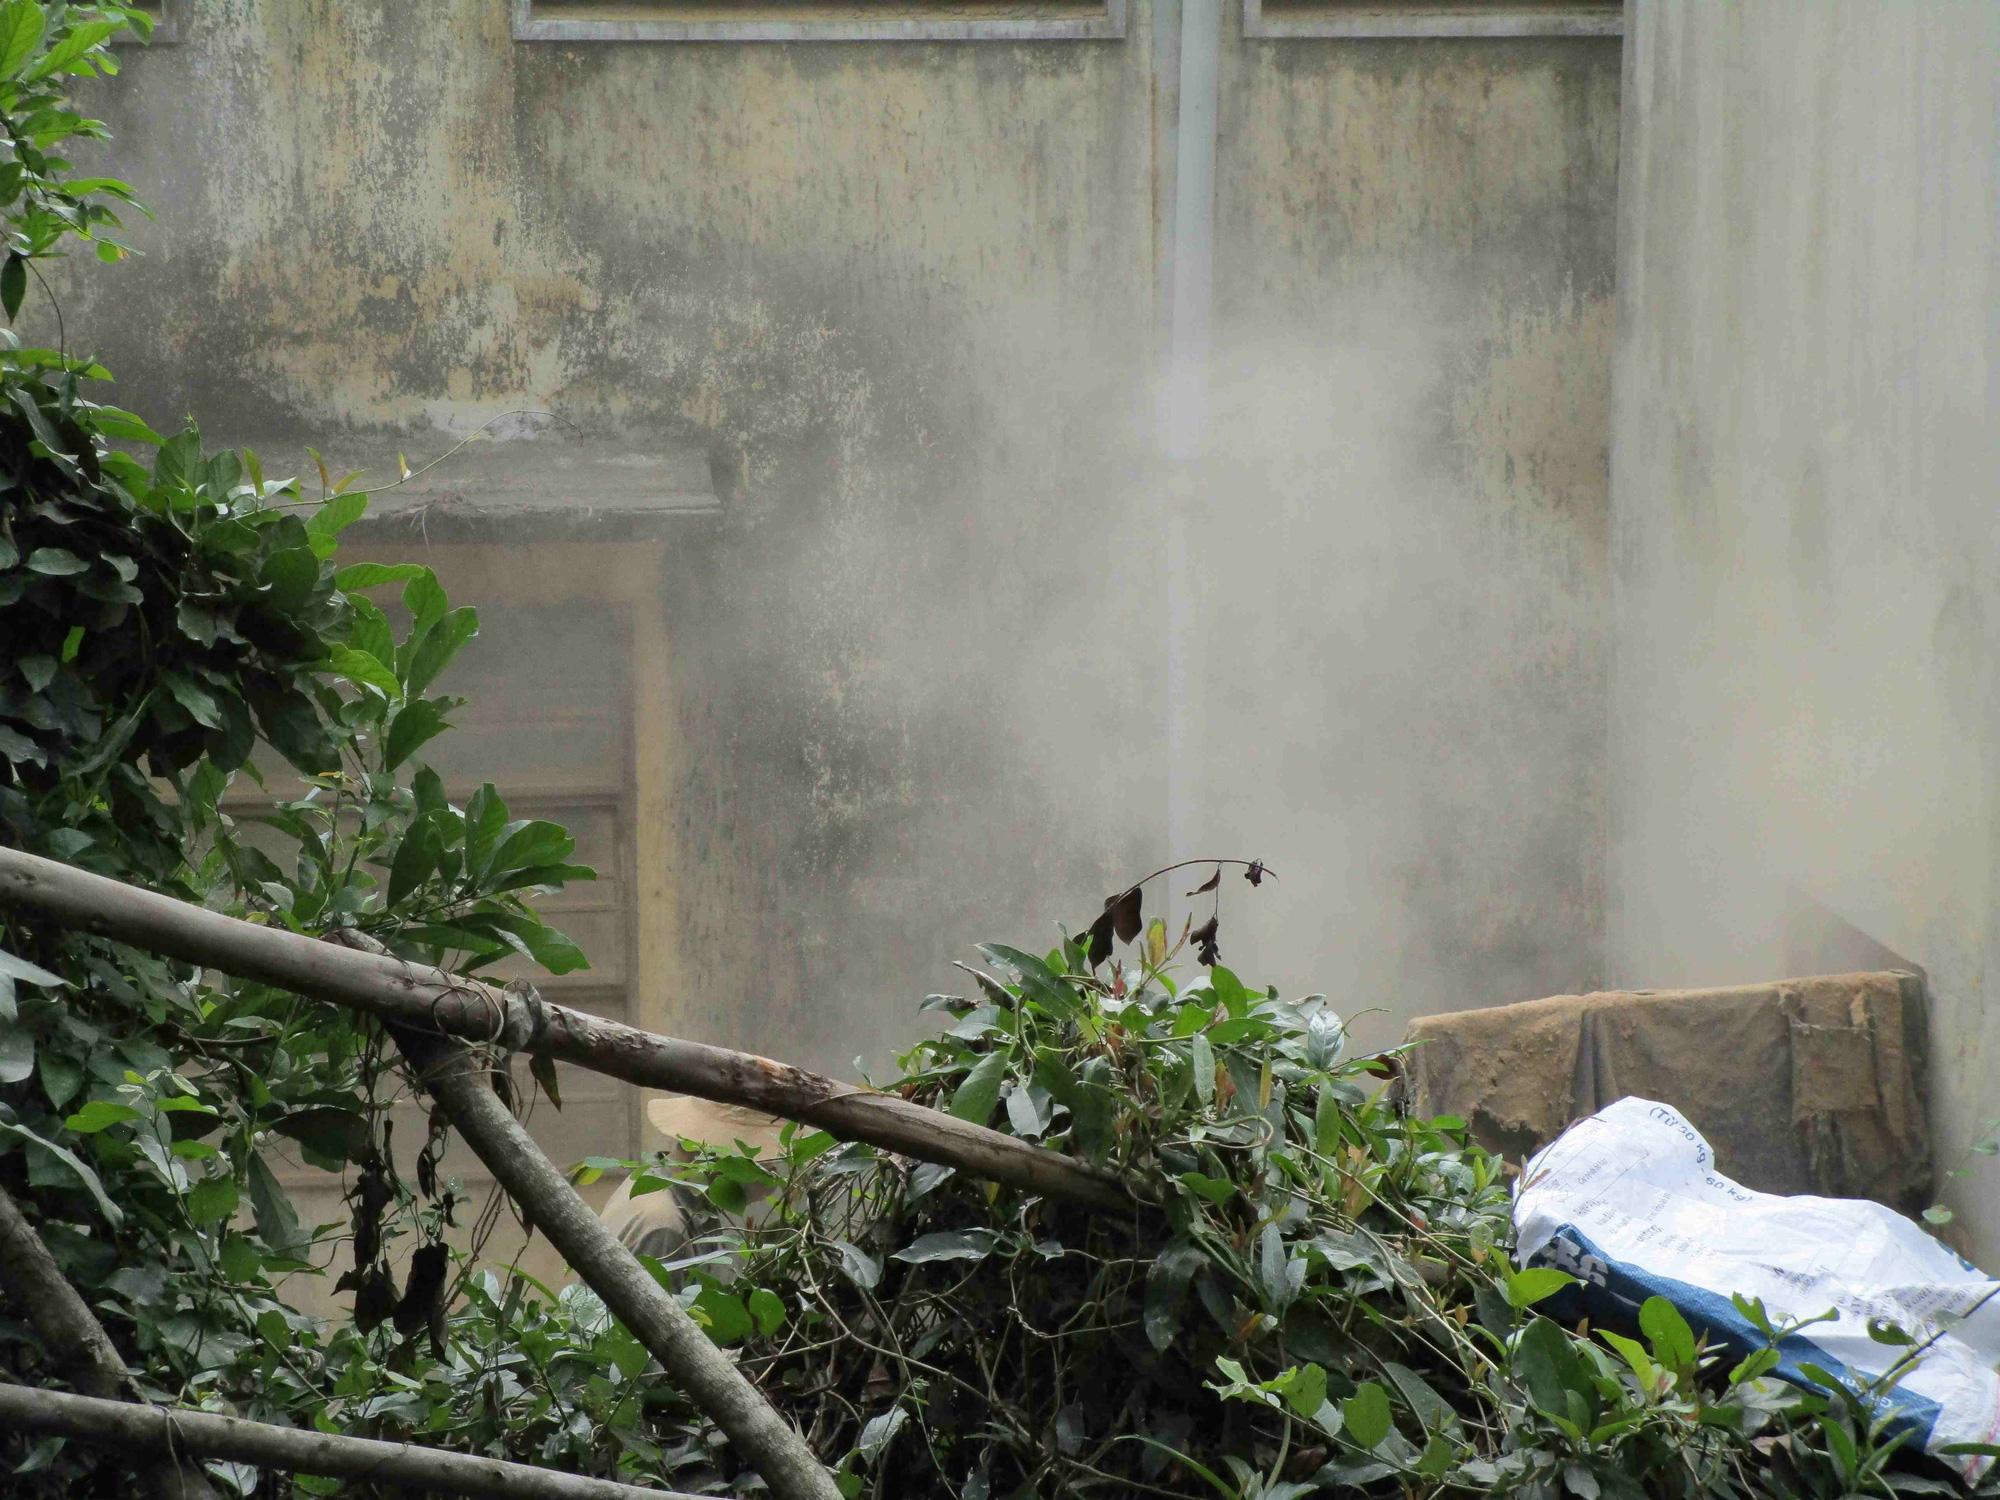 Bình Định: Xí nghiệp chế biến lâm sản Bông Hồng nằm sát khu dân cư gây bức xúc - Ảnh 3.